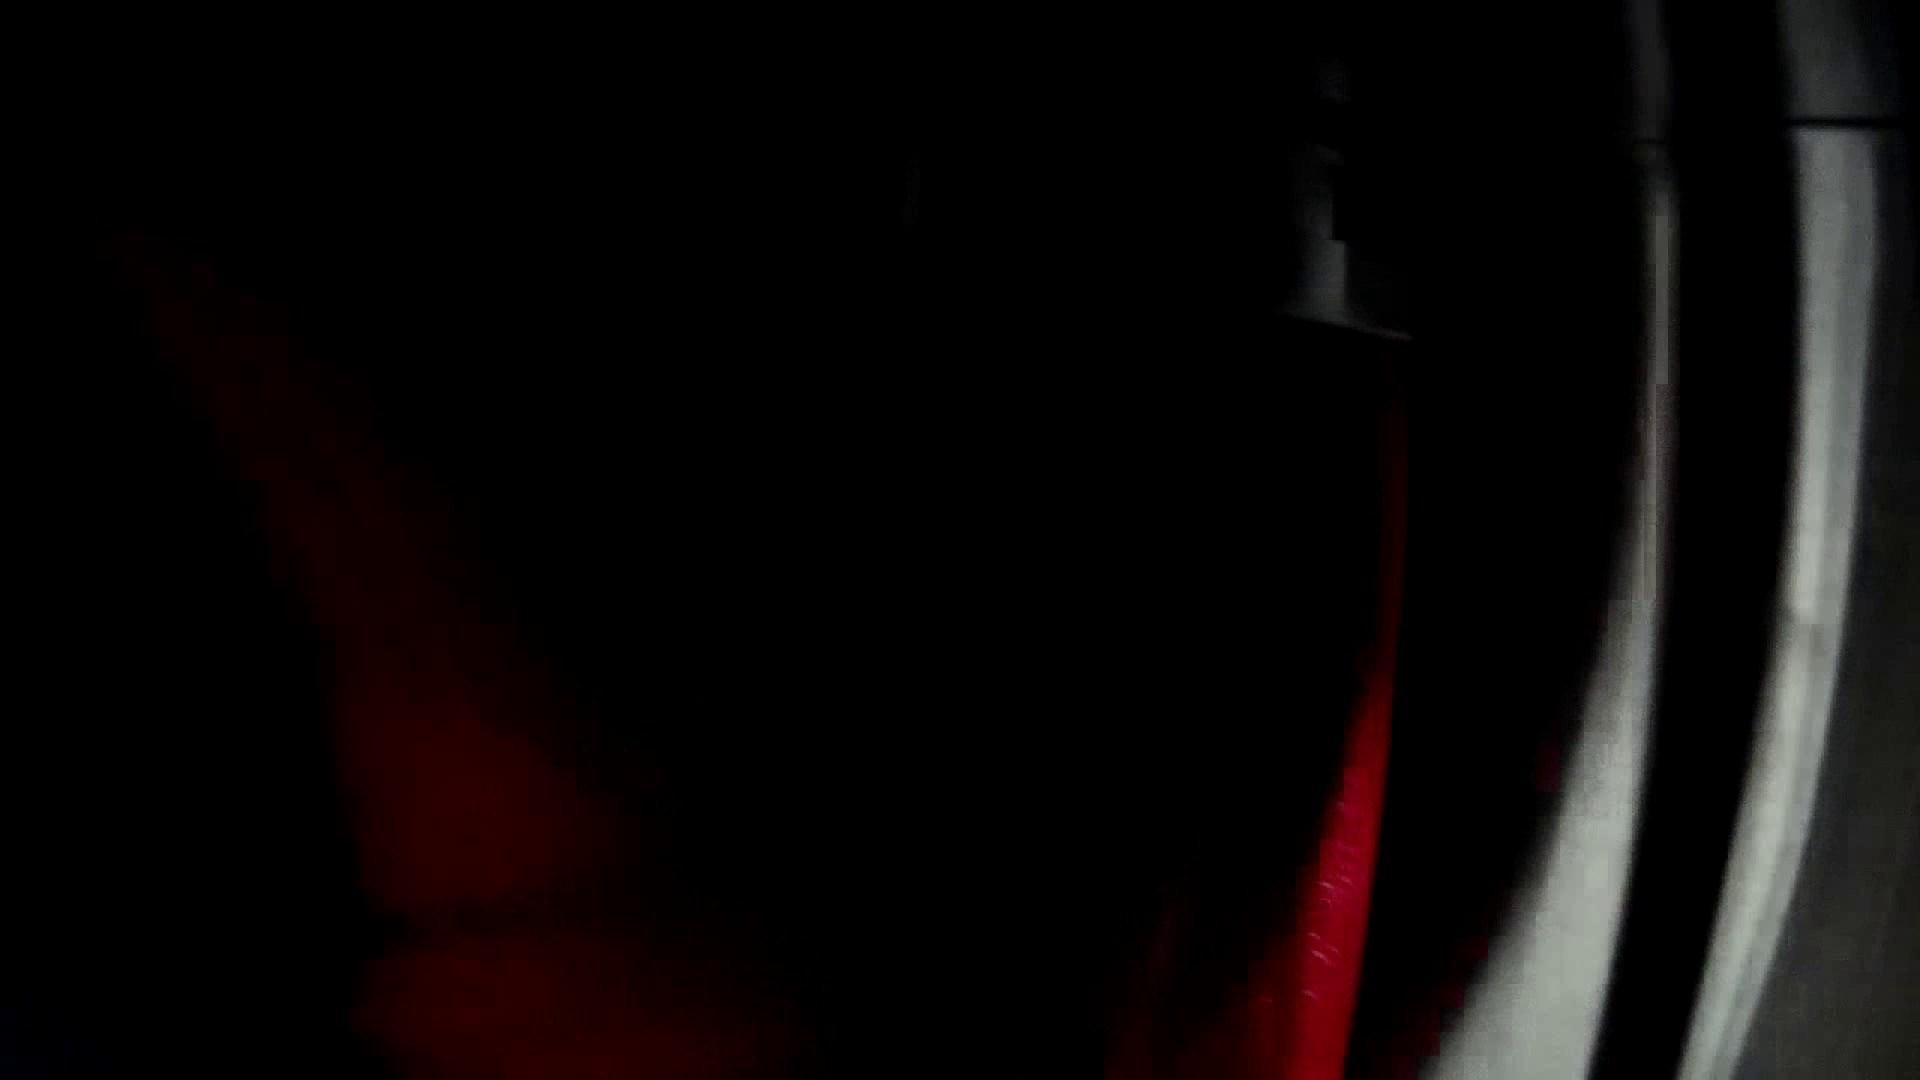 有名大学女性洗面所 vol.39 スッゴクド派手な勝負パンツ!1名+7名 投稿 オメコ動画キャプチャ 89PIX 47